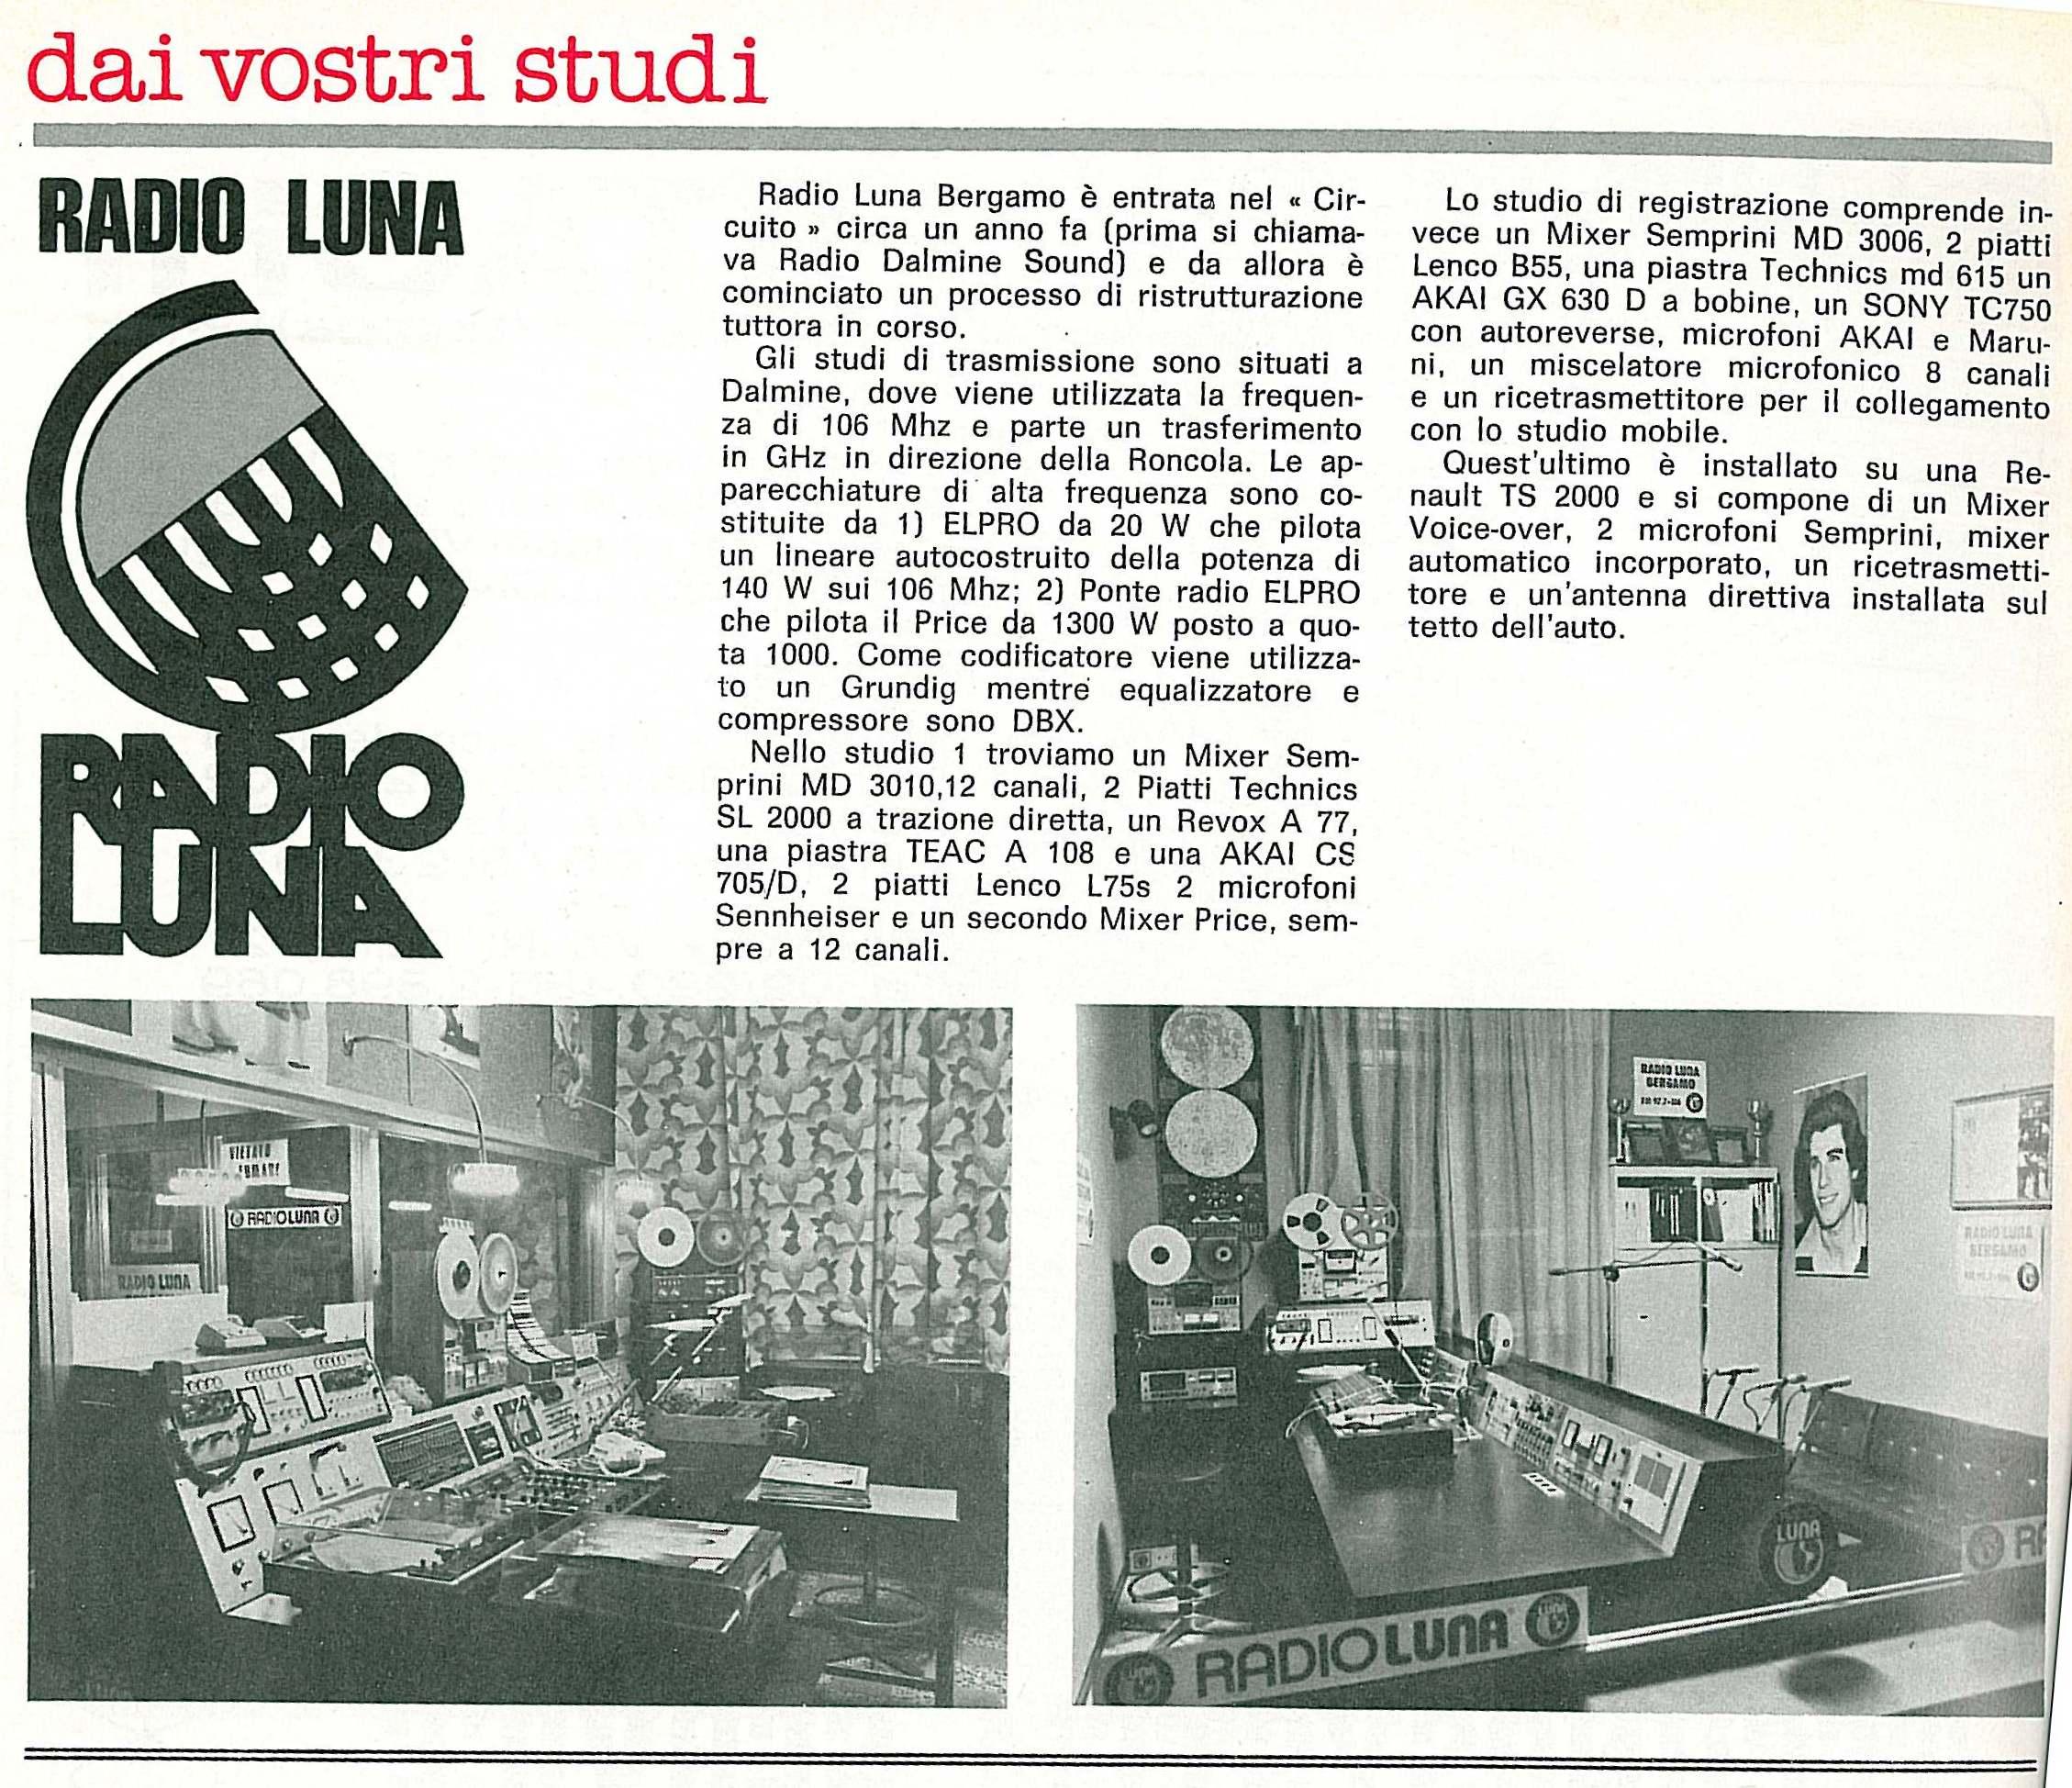 Radio Luna Bergamo - Radio. Il viaggio di Enzo Mauri tra i protagonisti delle emittenti libere degli anni '70 e '80